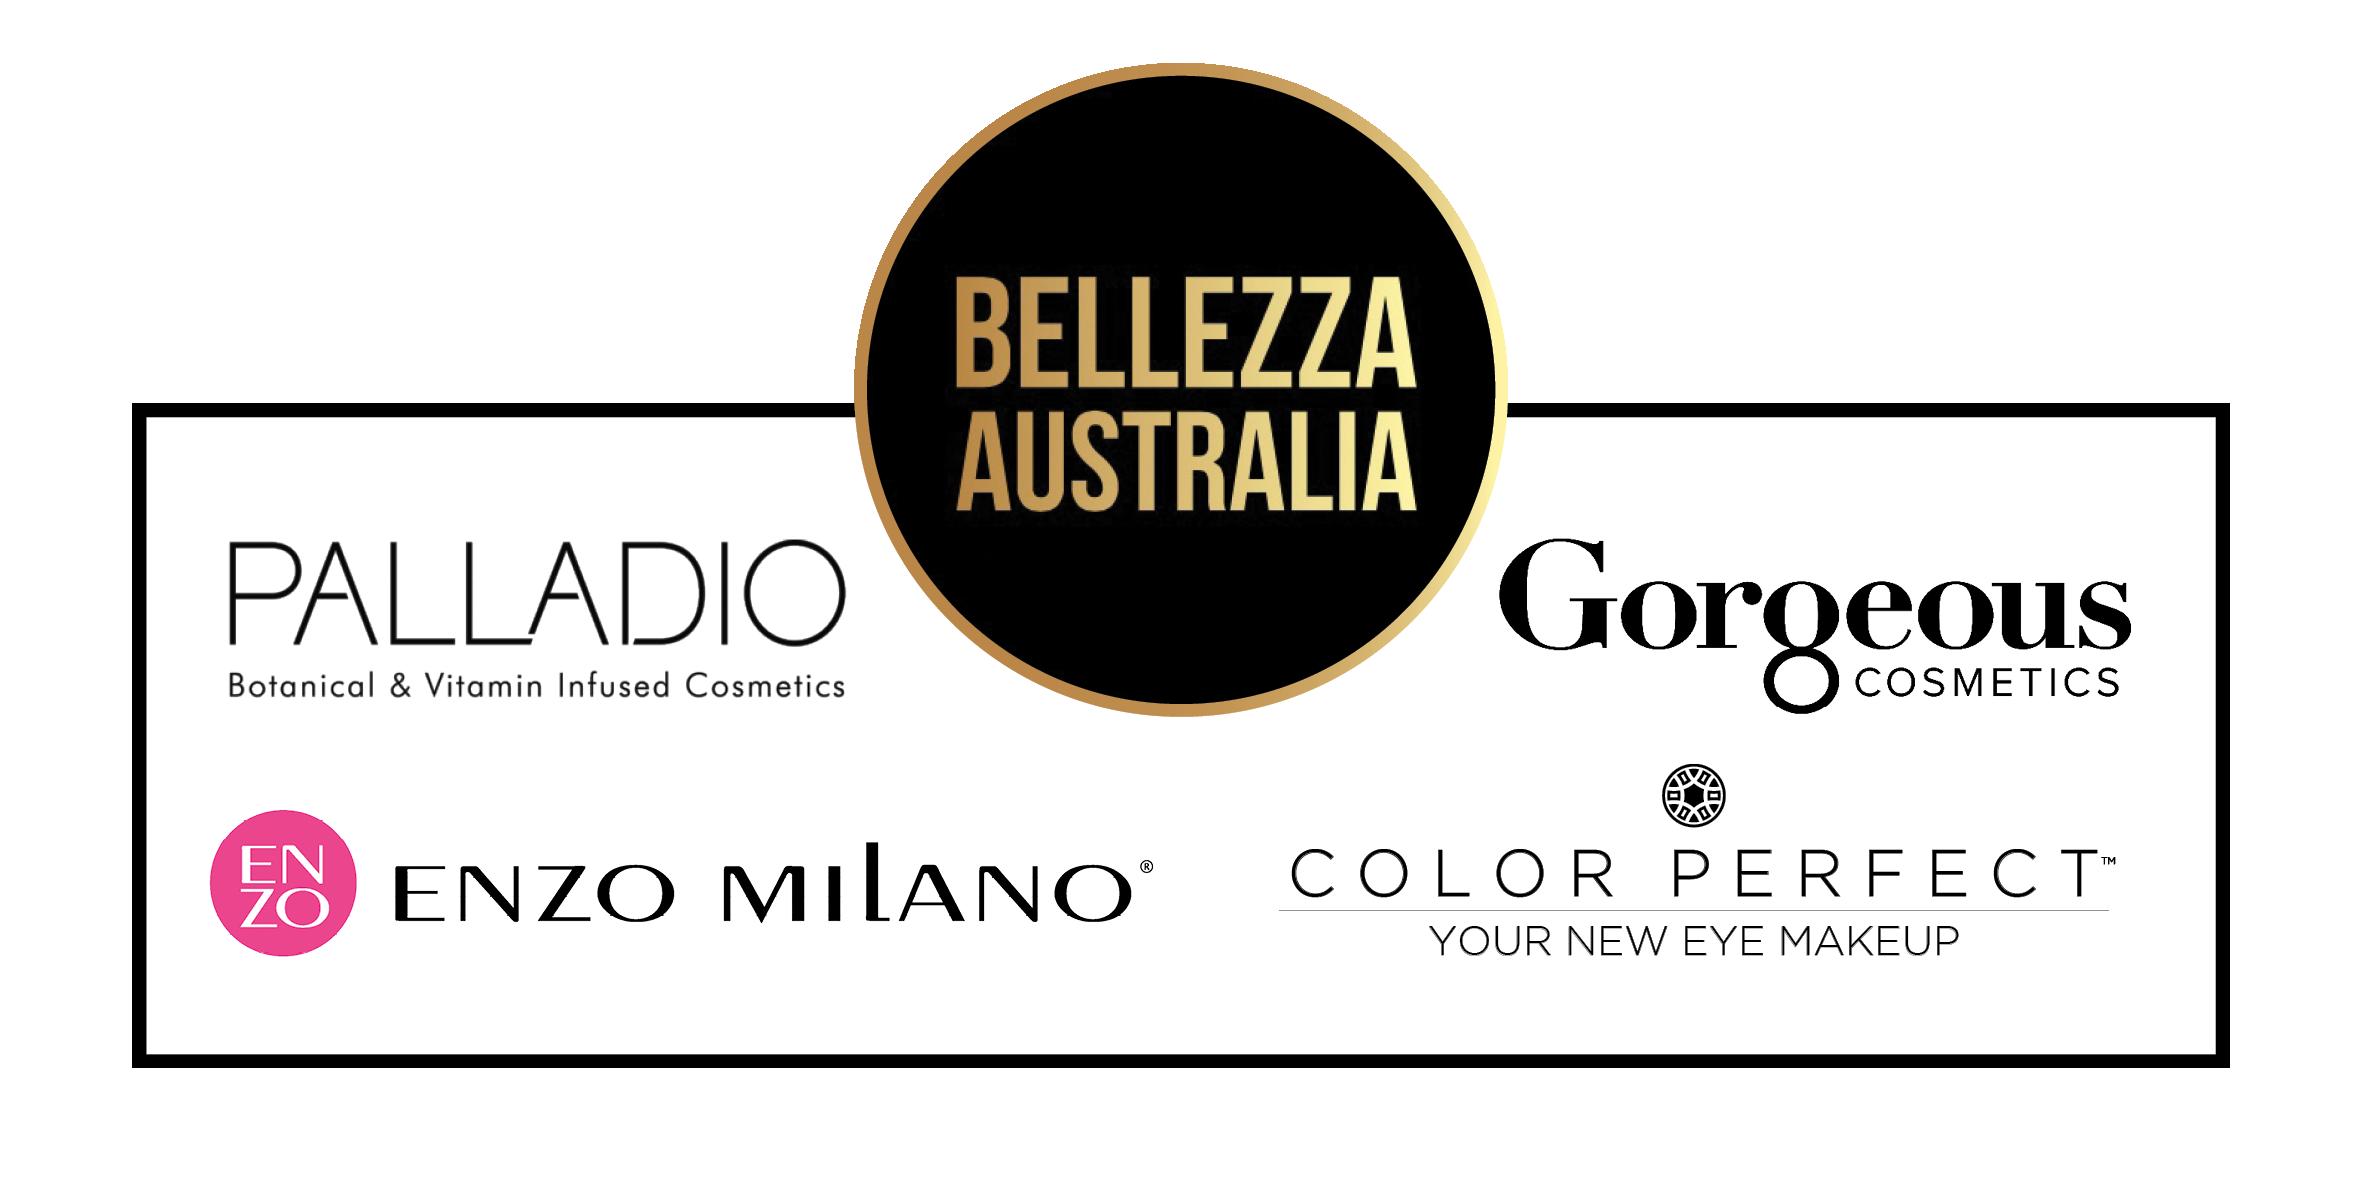 bellezza-logos.png